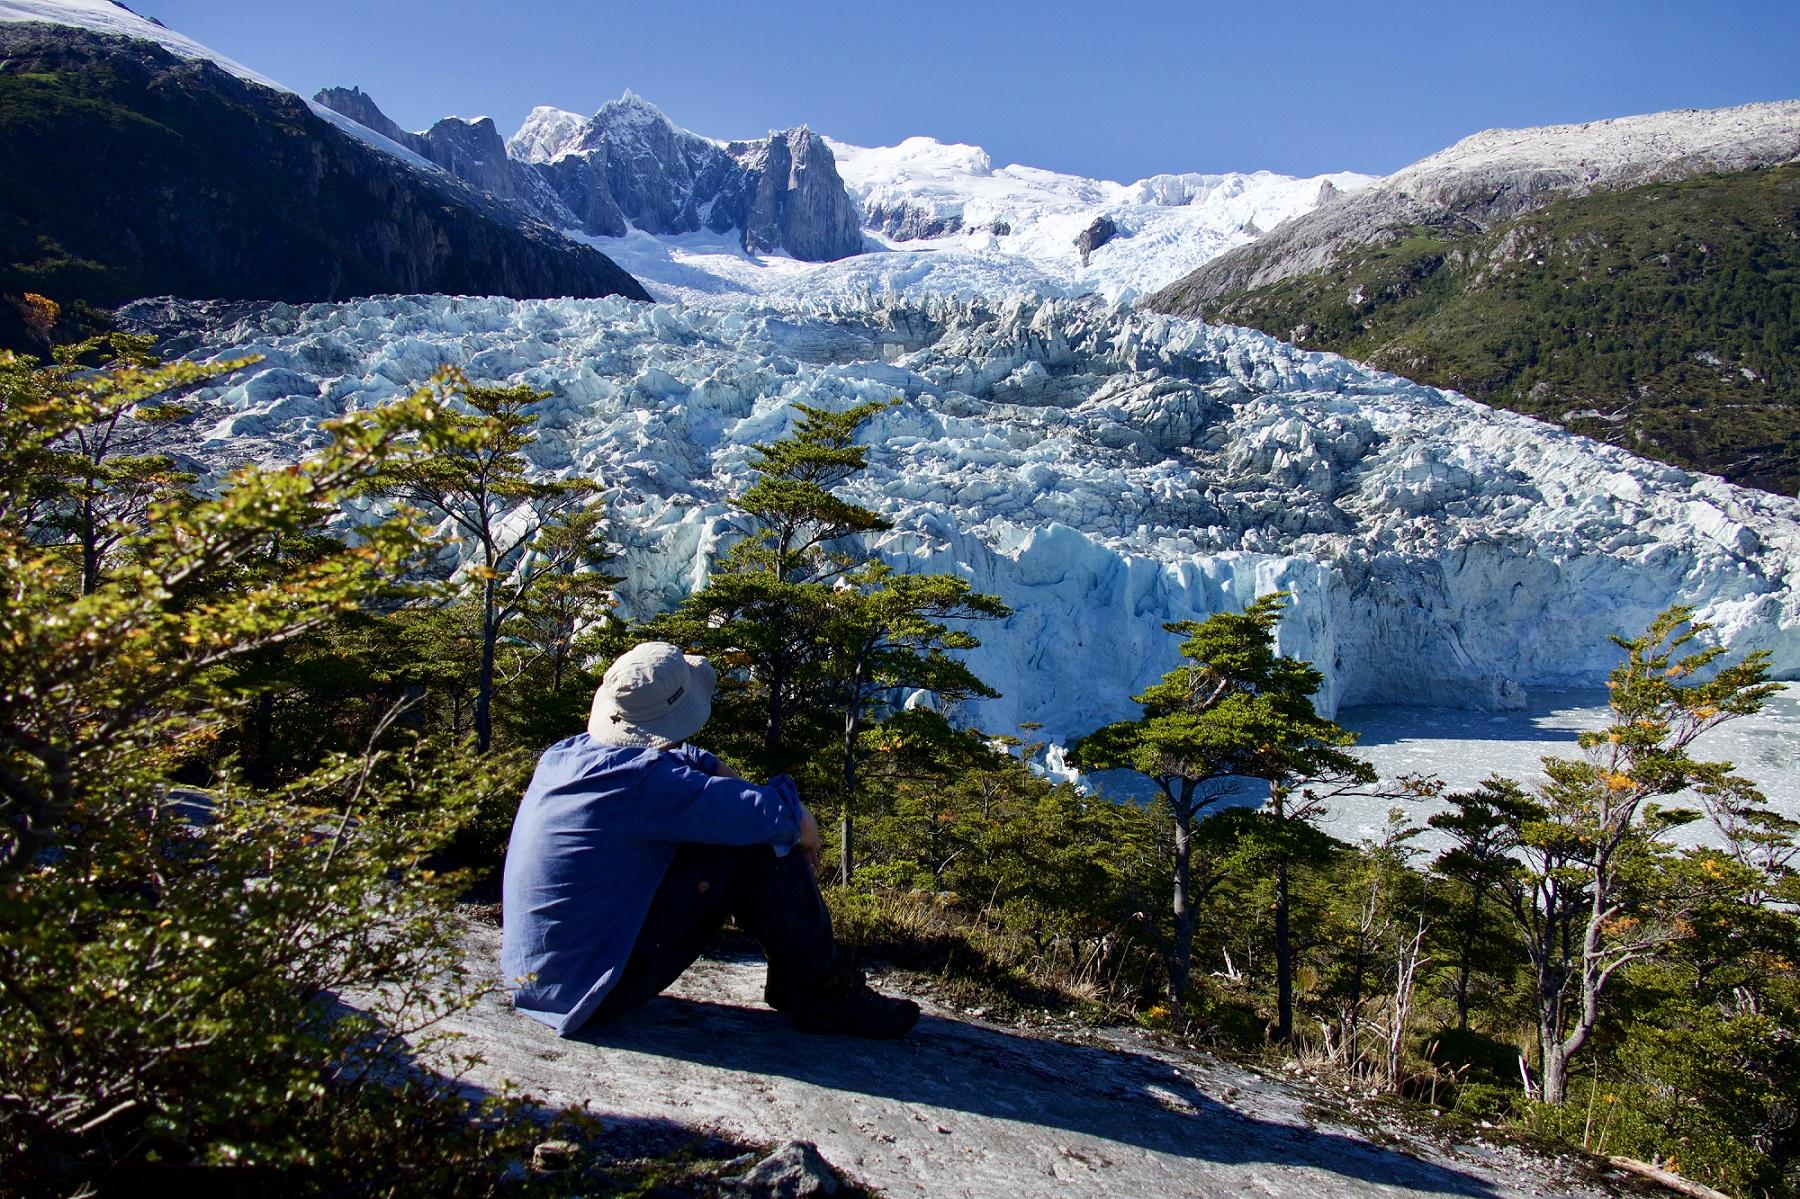 Admiring the Pia Glacier in Chile